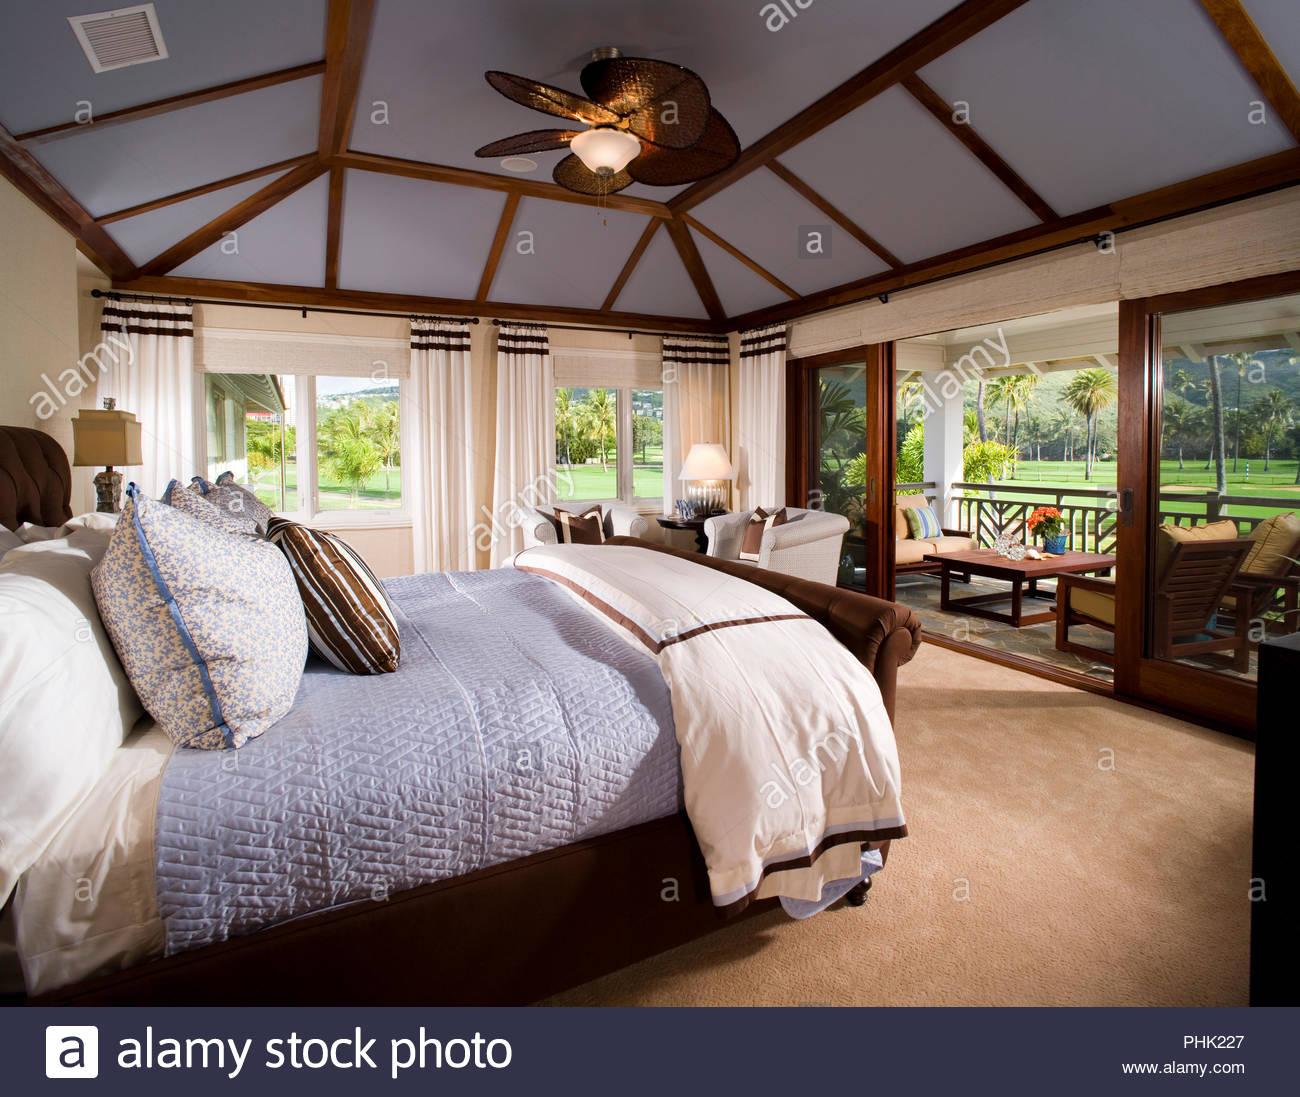 Dormitorio con ventilador de techo Imagen De Stock